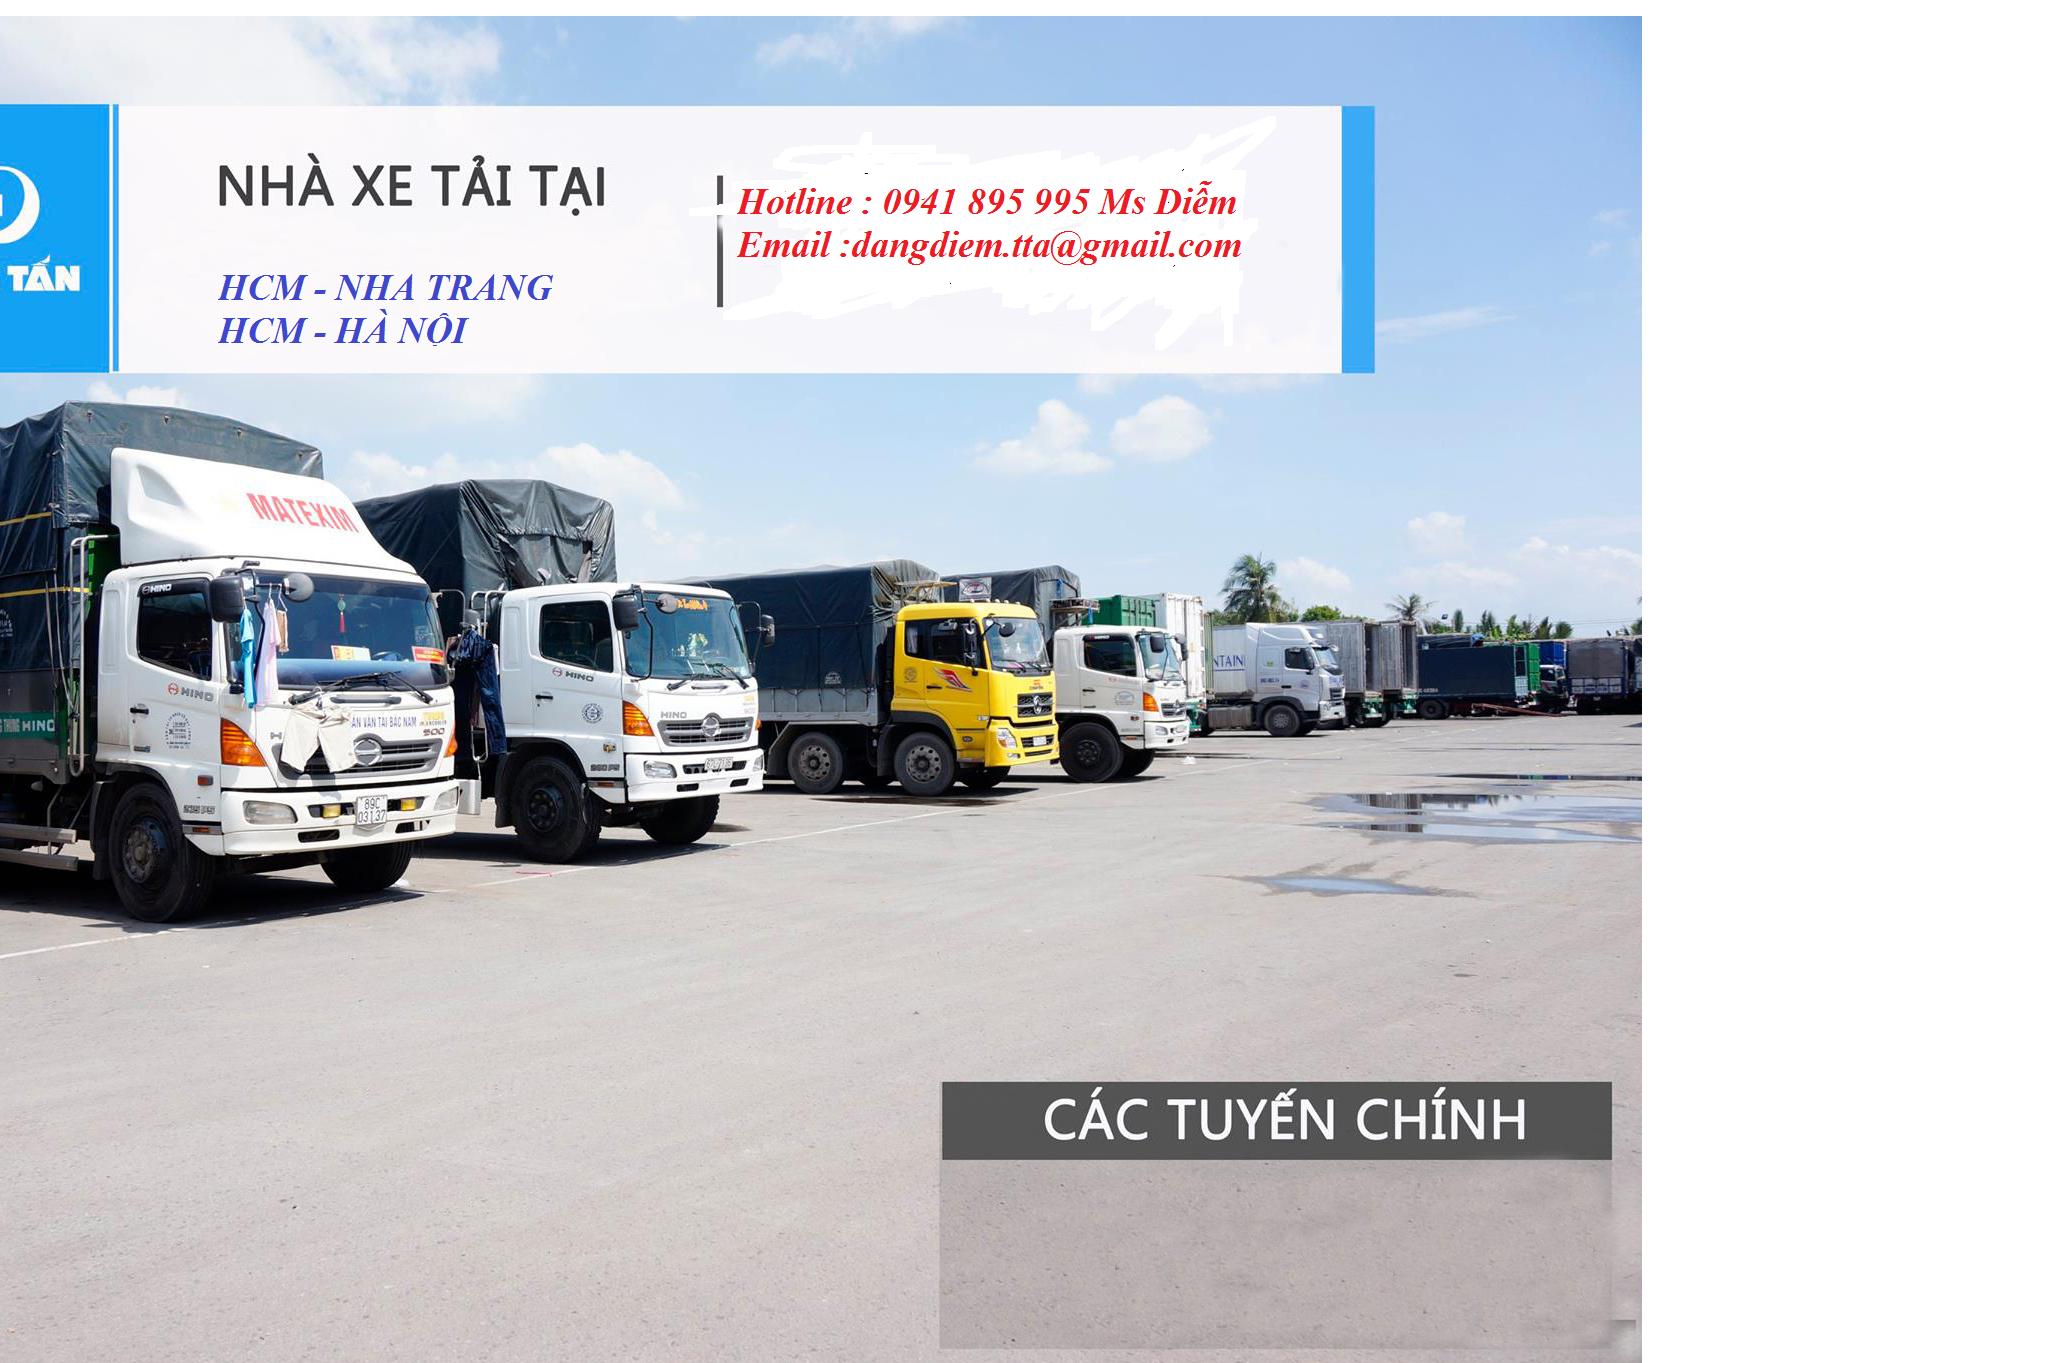 Xe tải chuyển hàng Đà Nẵng Hà Nội